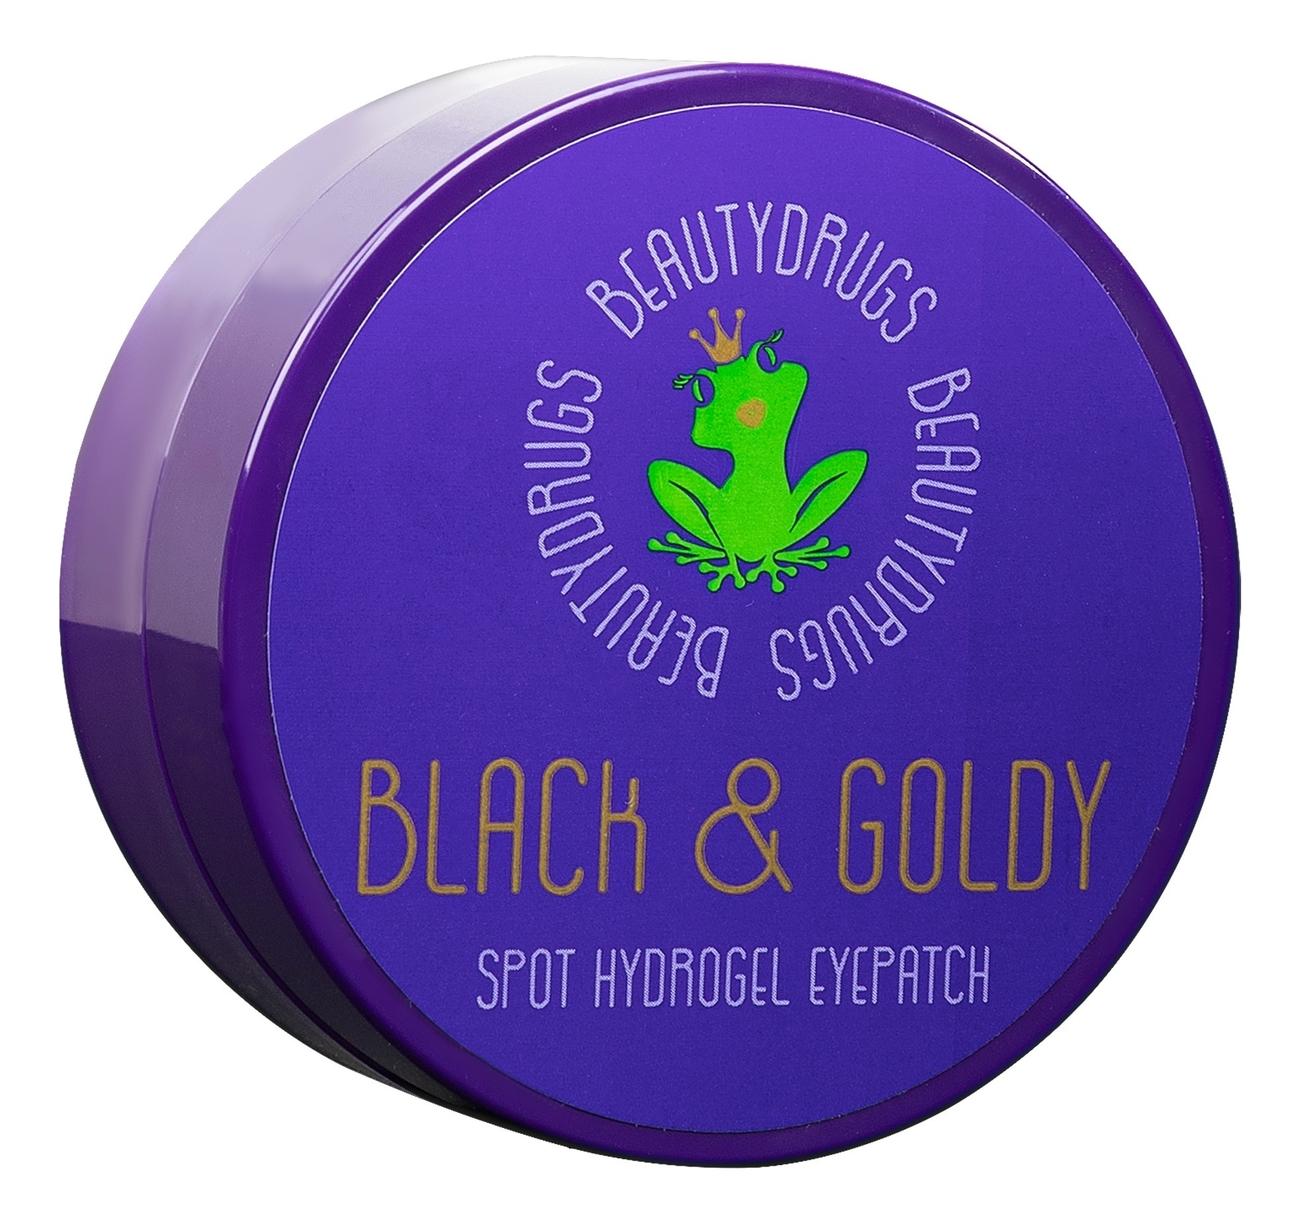 Купить Гидрогелевые патчи для области вокруг глаз Black & Goldy Spot Hydrogel Eyepatch 60шт, Гидрогелевые патчи для области вокруг глаз Black & Goldy Spot Hydrogel Eyepatch 60шт, Beautydrugs